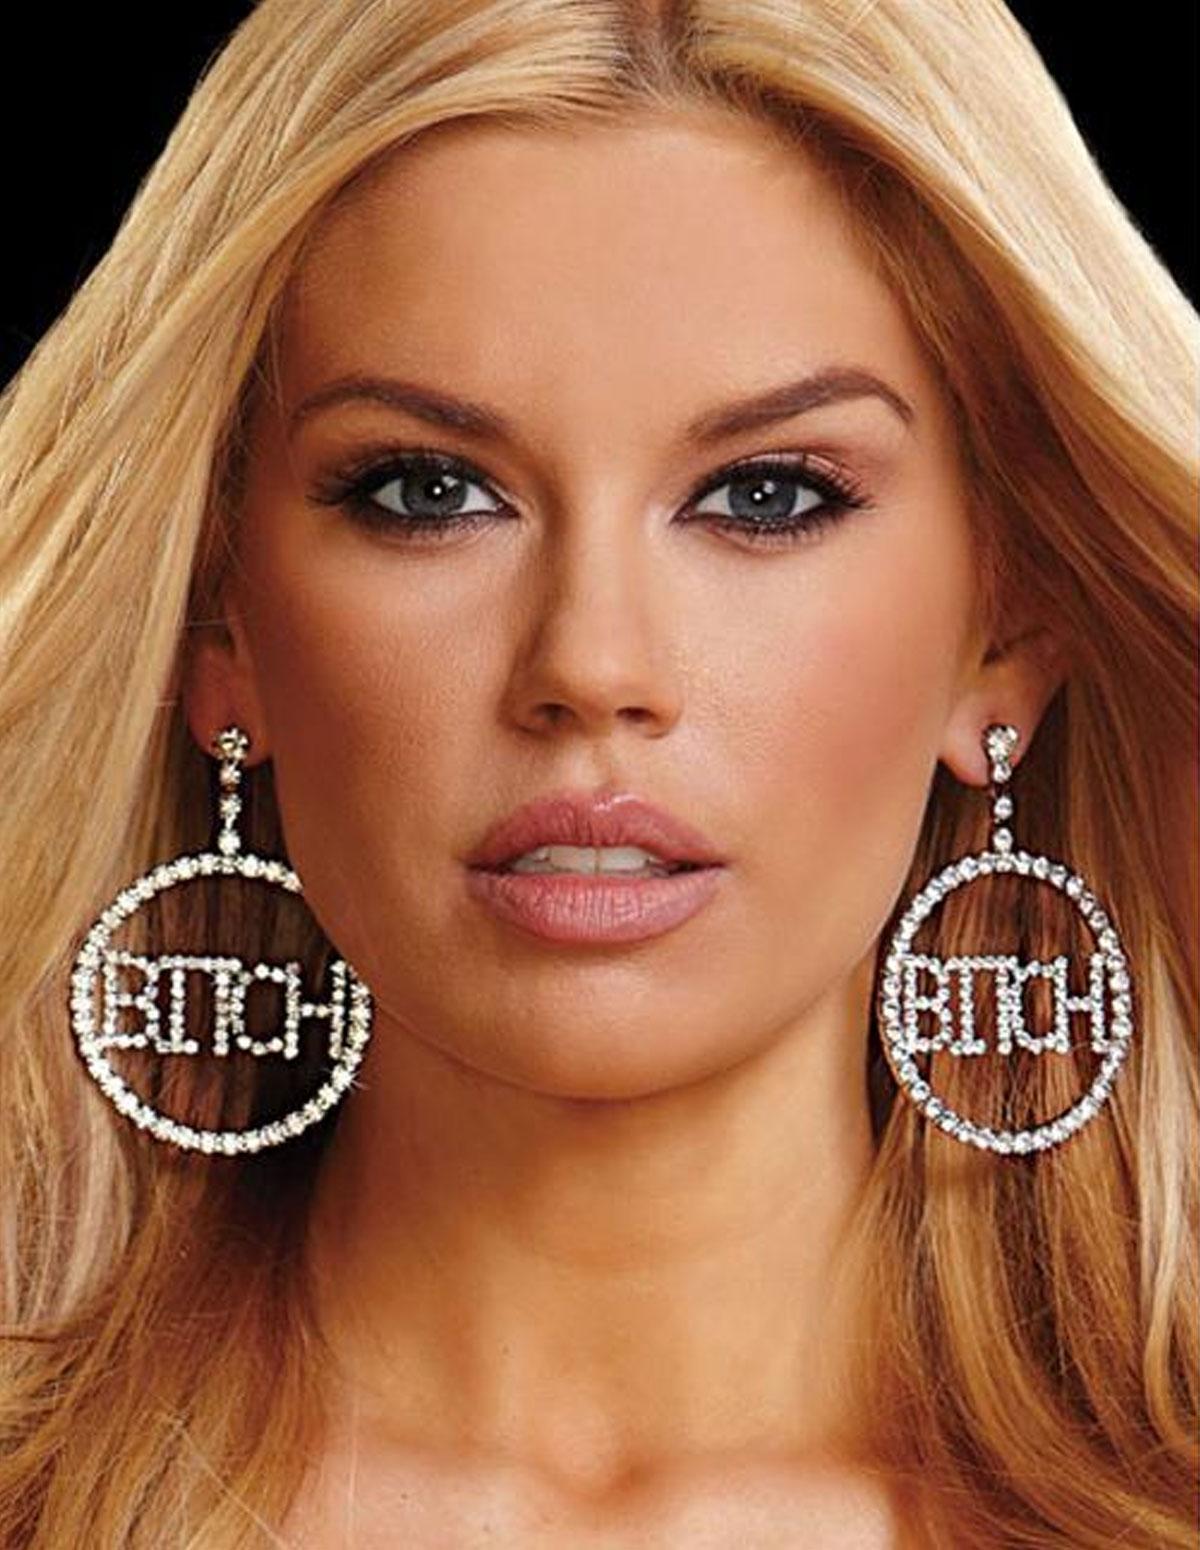 Bitch Earrings